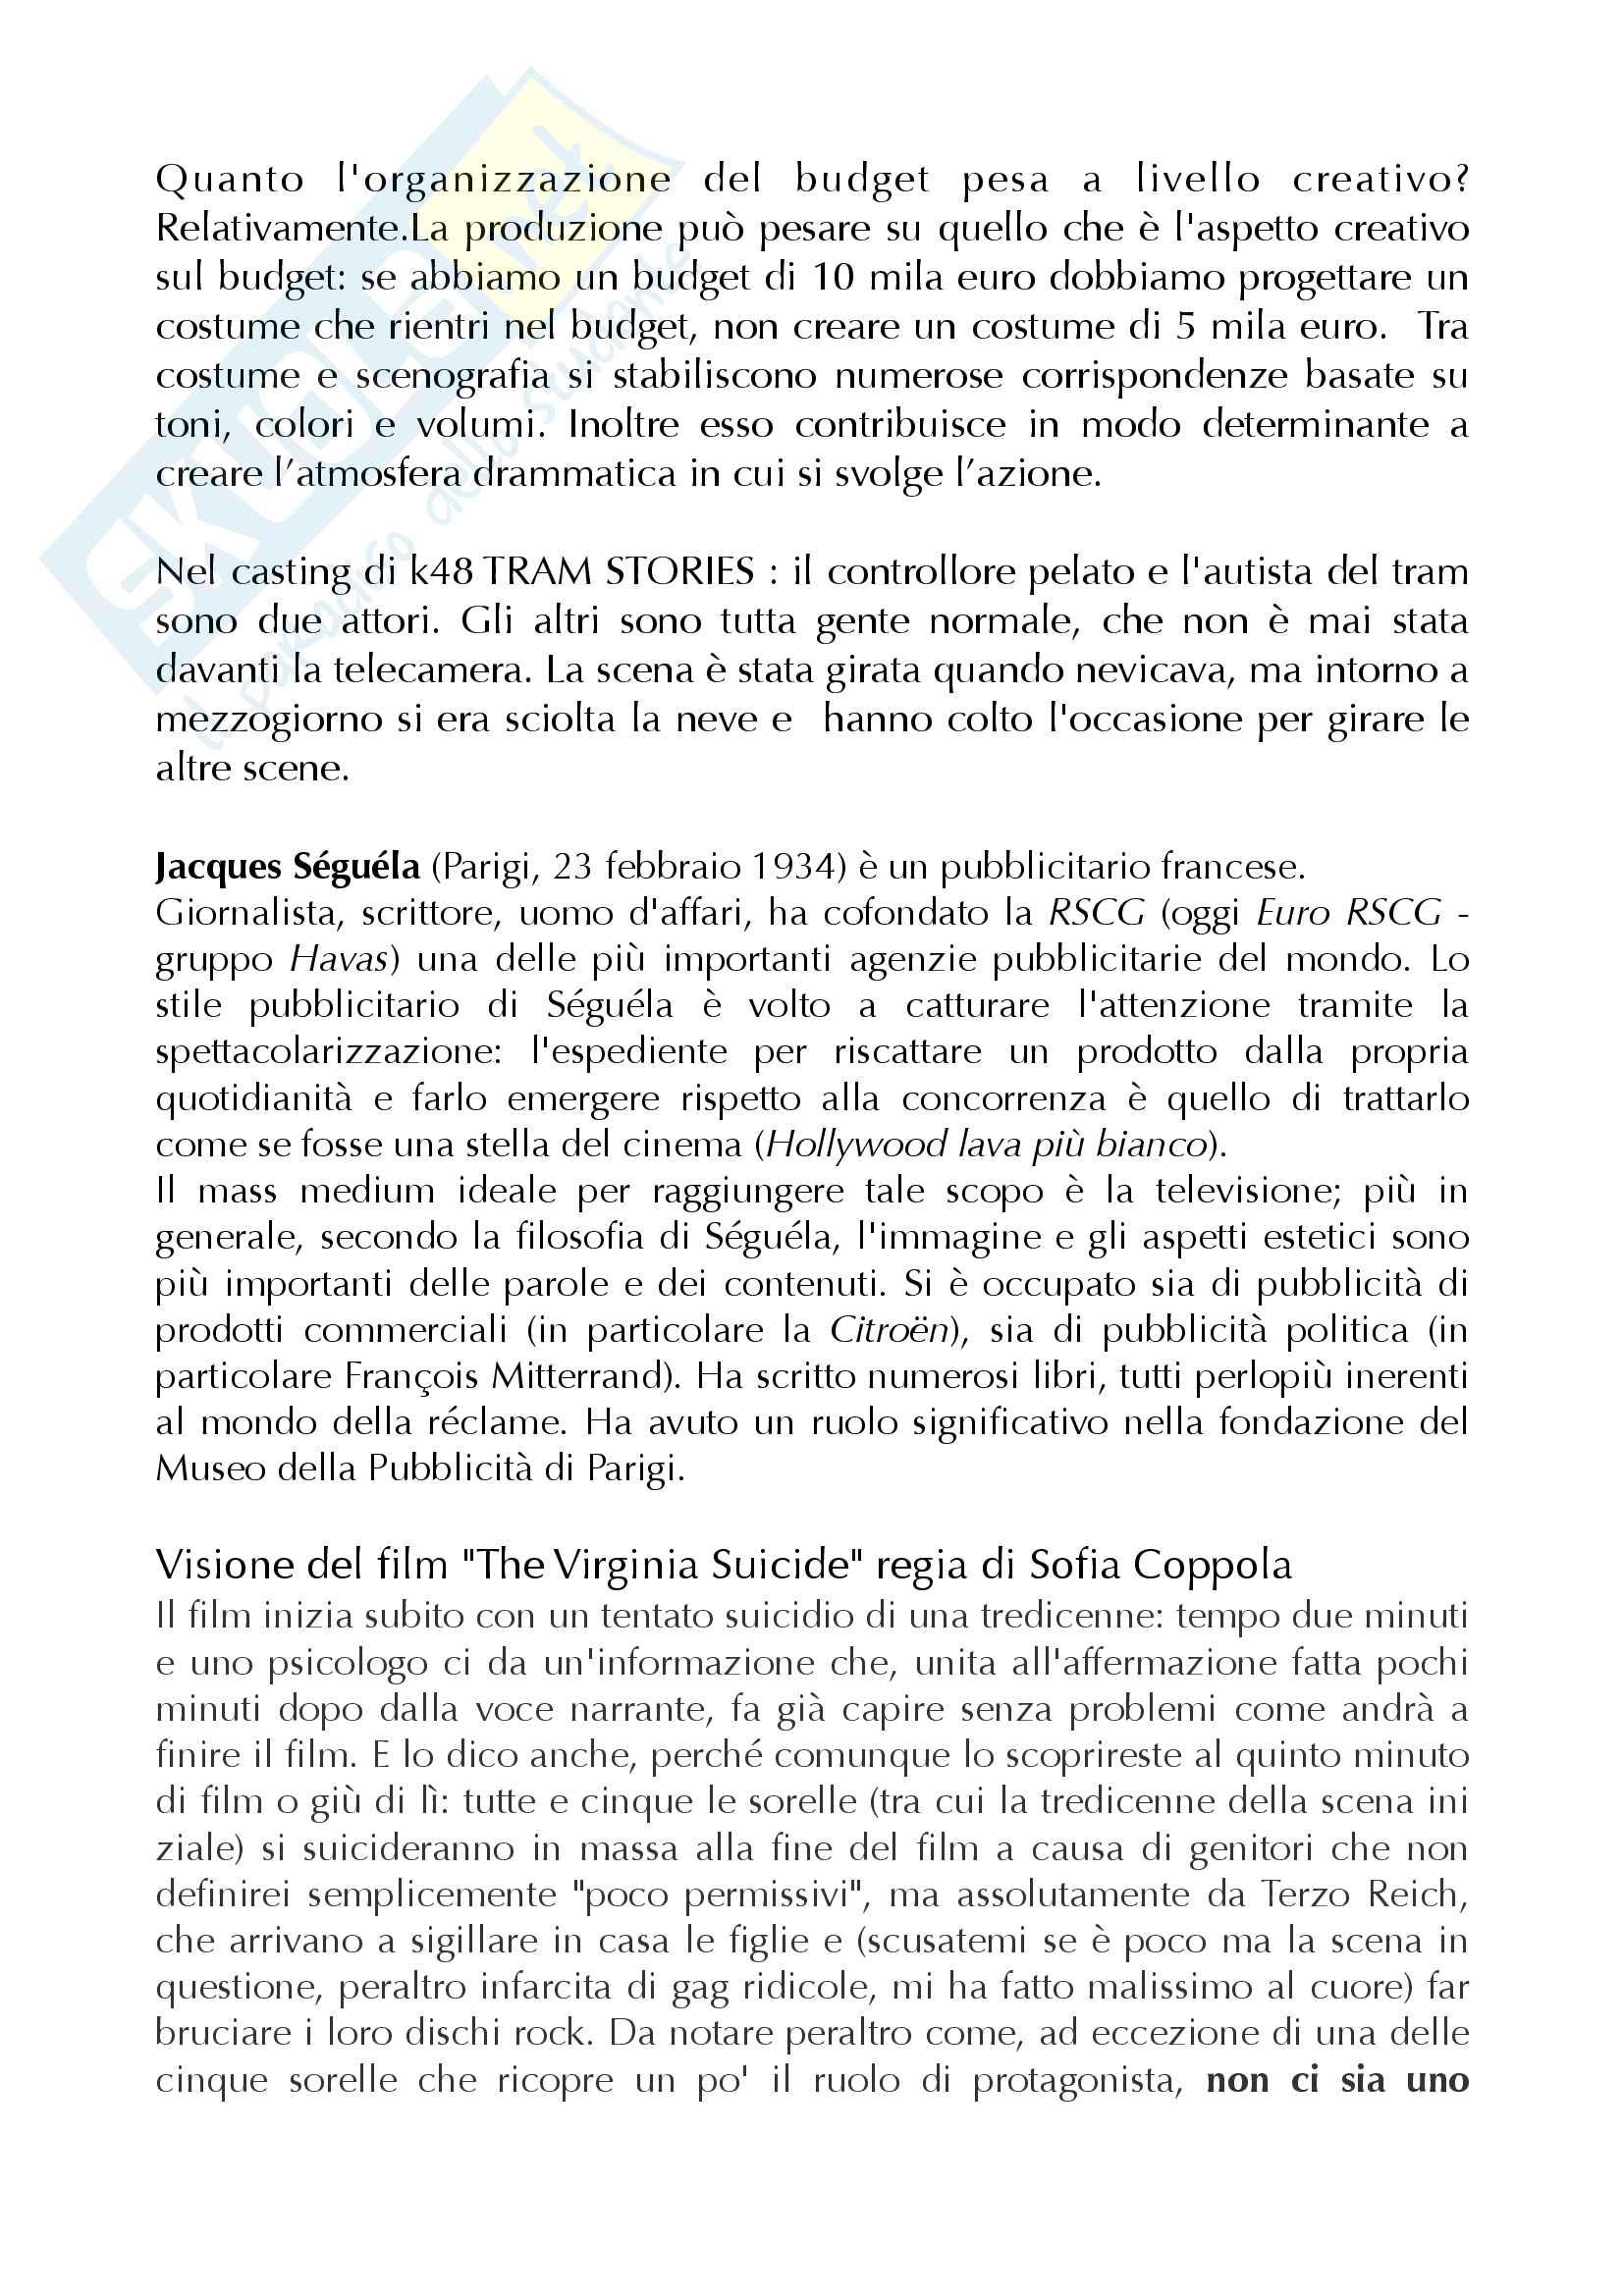 Appunti di Regia Pubblicitaria Pag. 11